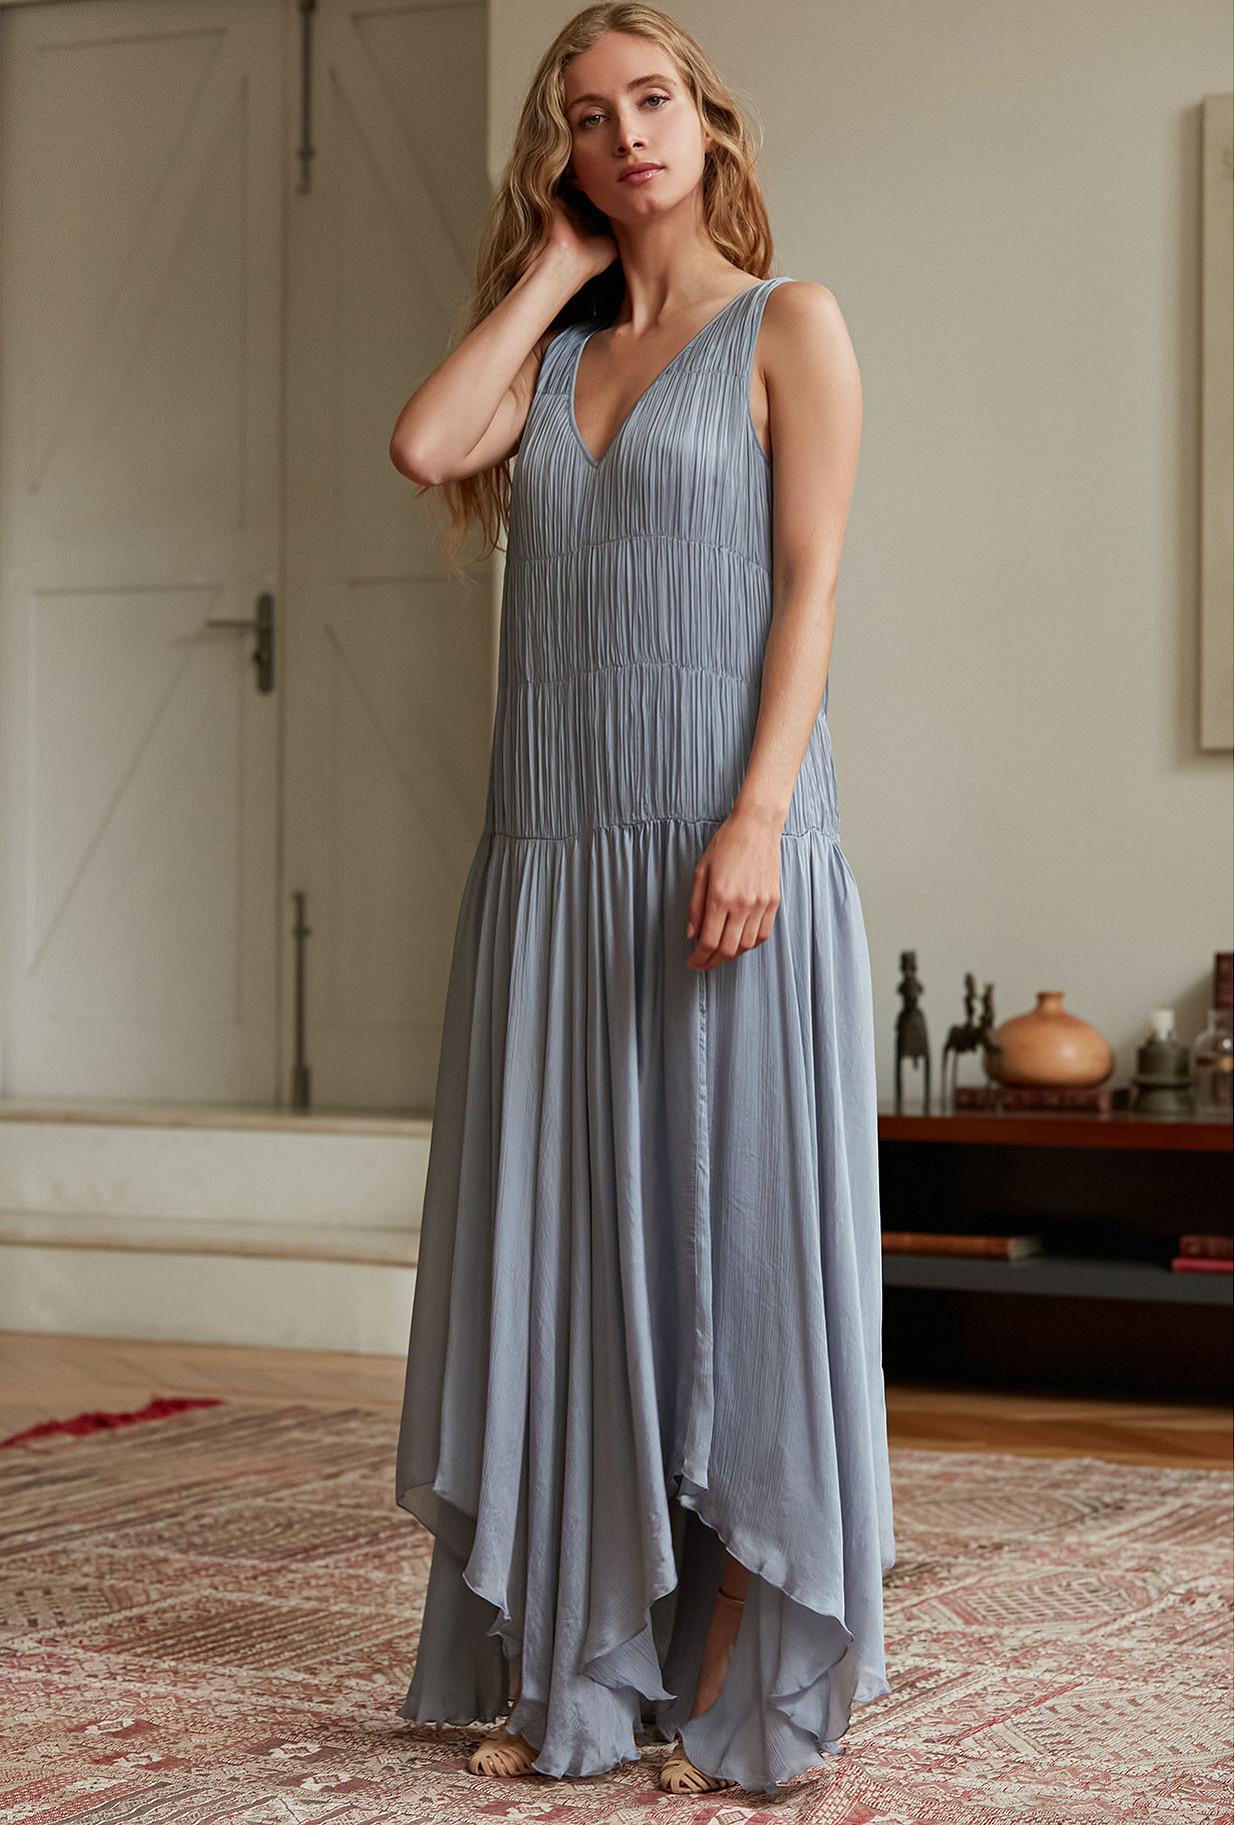 Blue  Dress  Amoureuse Mes demoiselles fashion clothes designer Paris